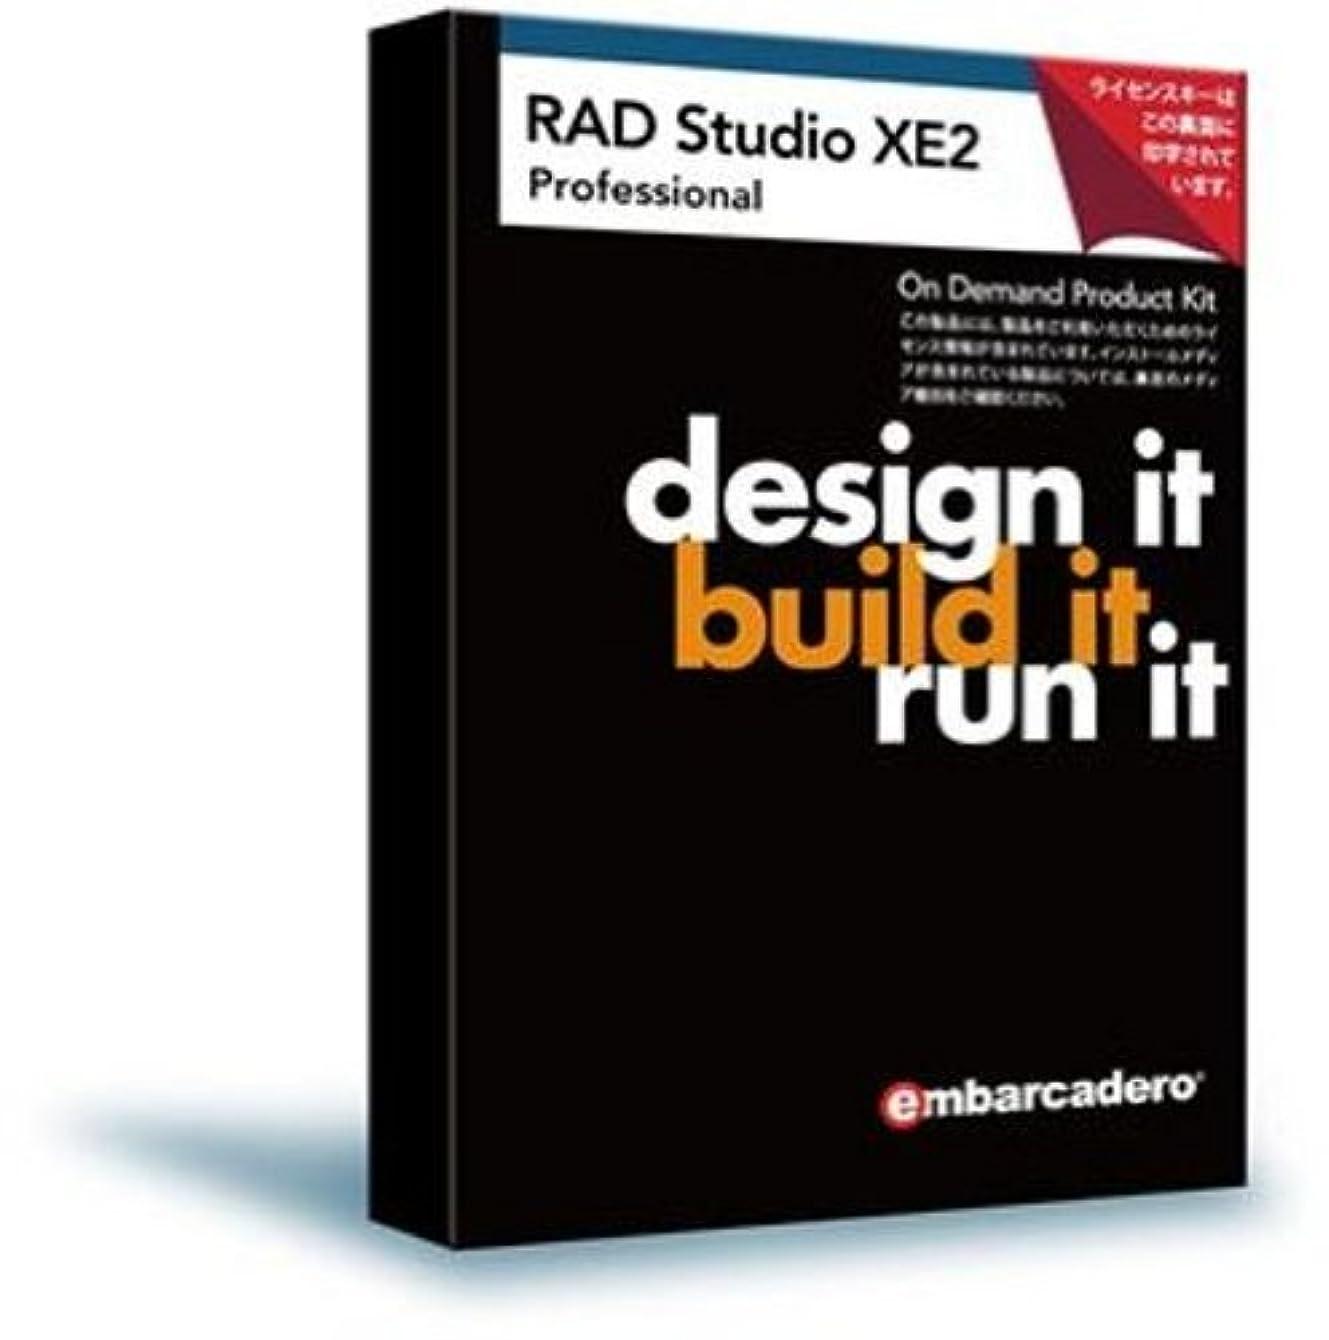 悪意師匠降下RAD Studio XE2 Professional アカデミック(ライセンス+メディア)